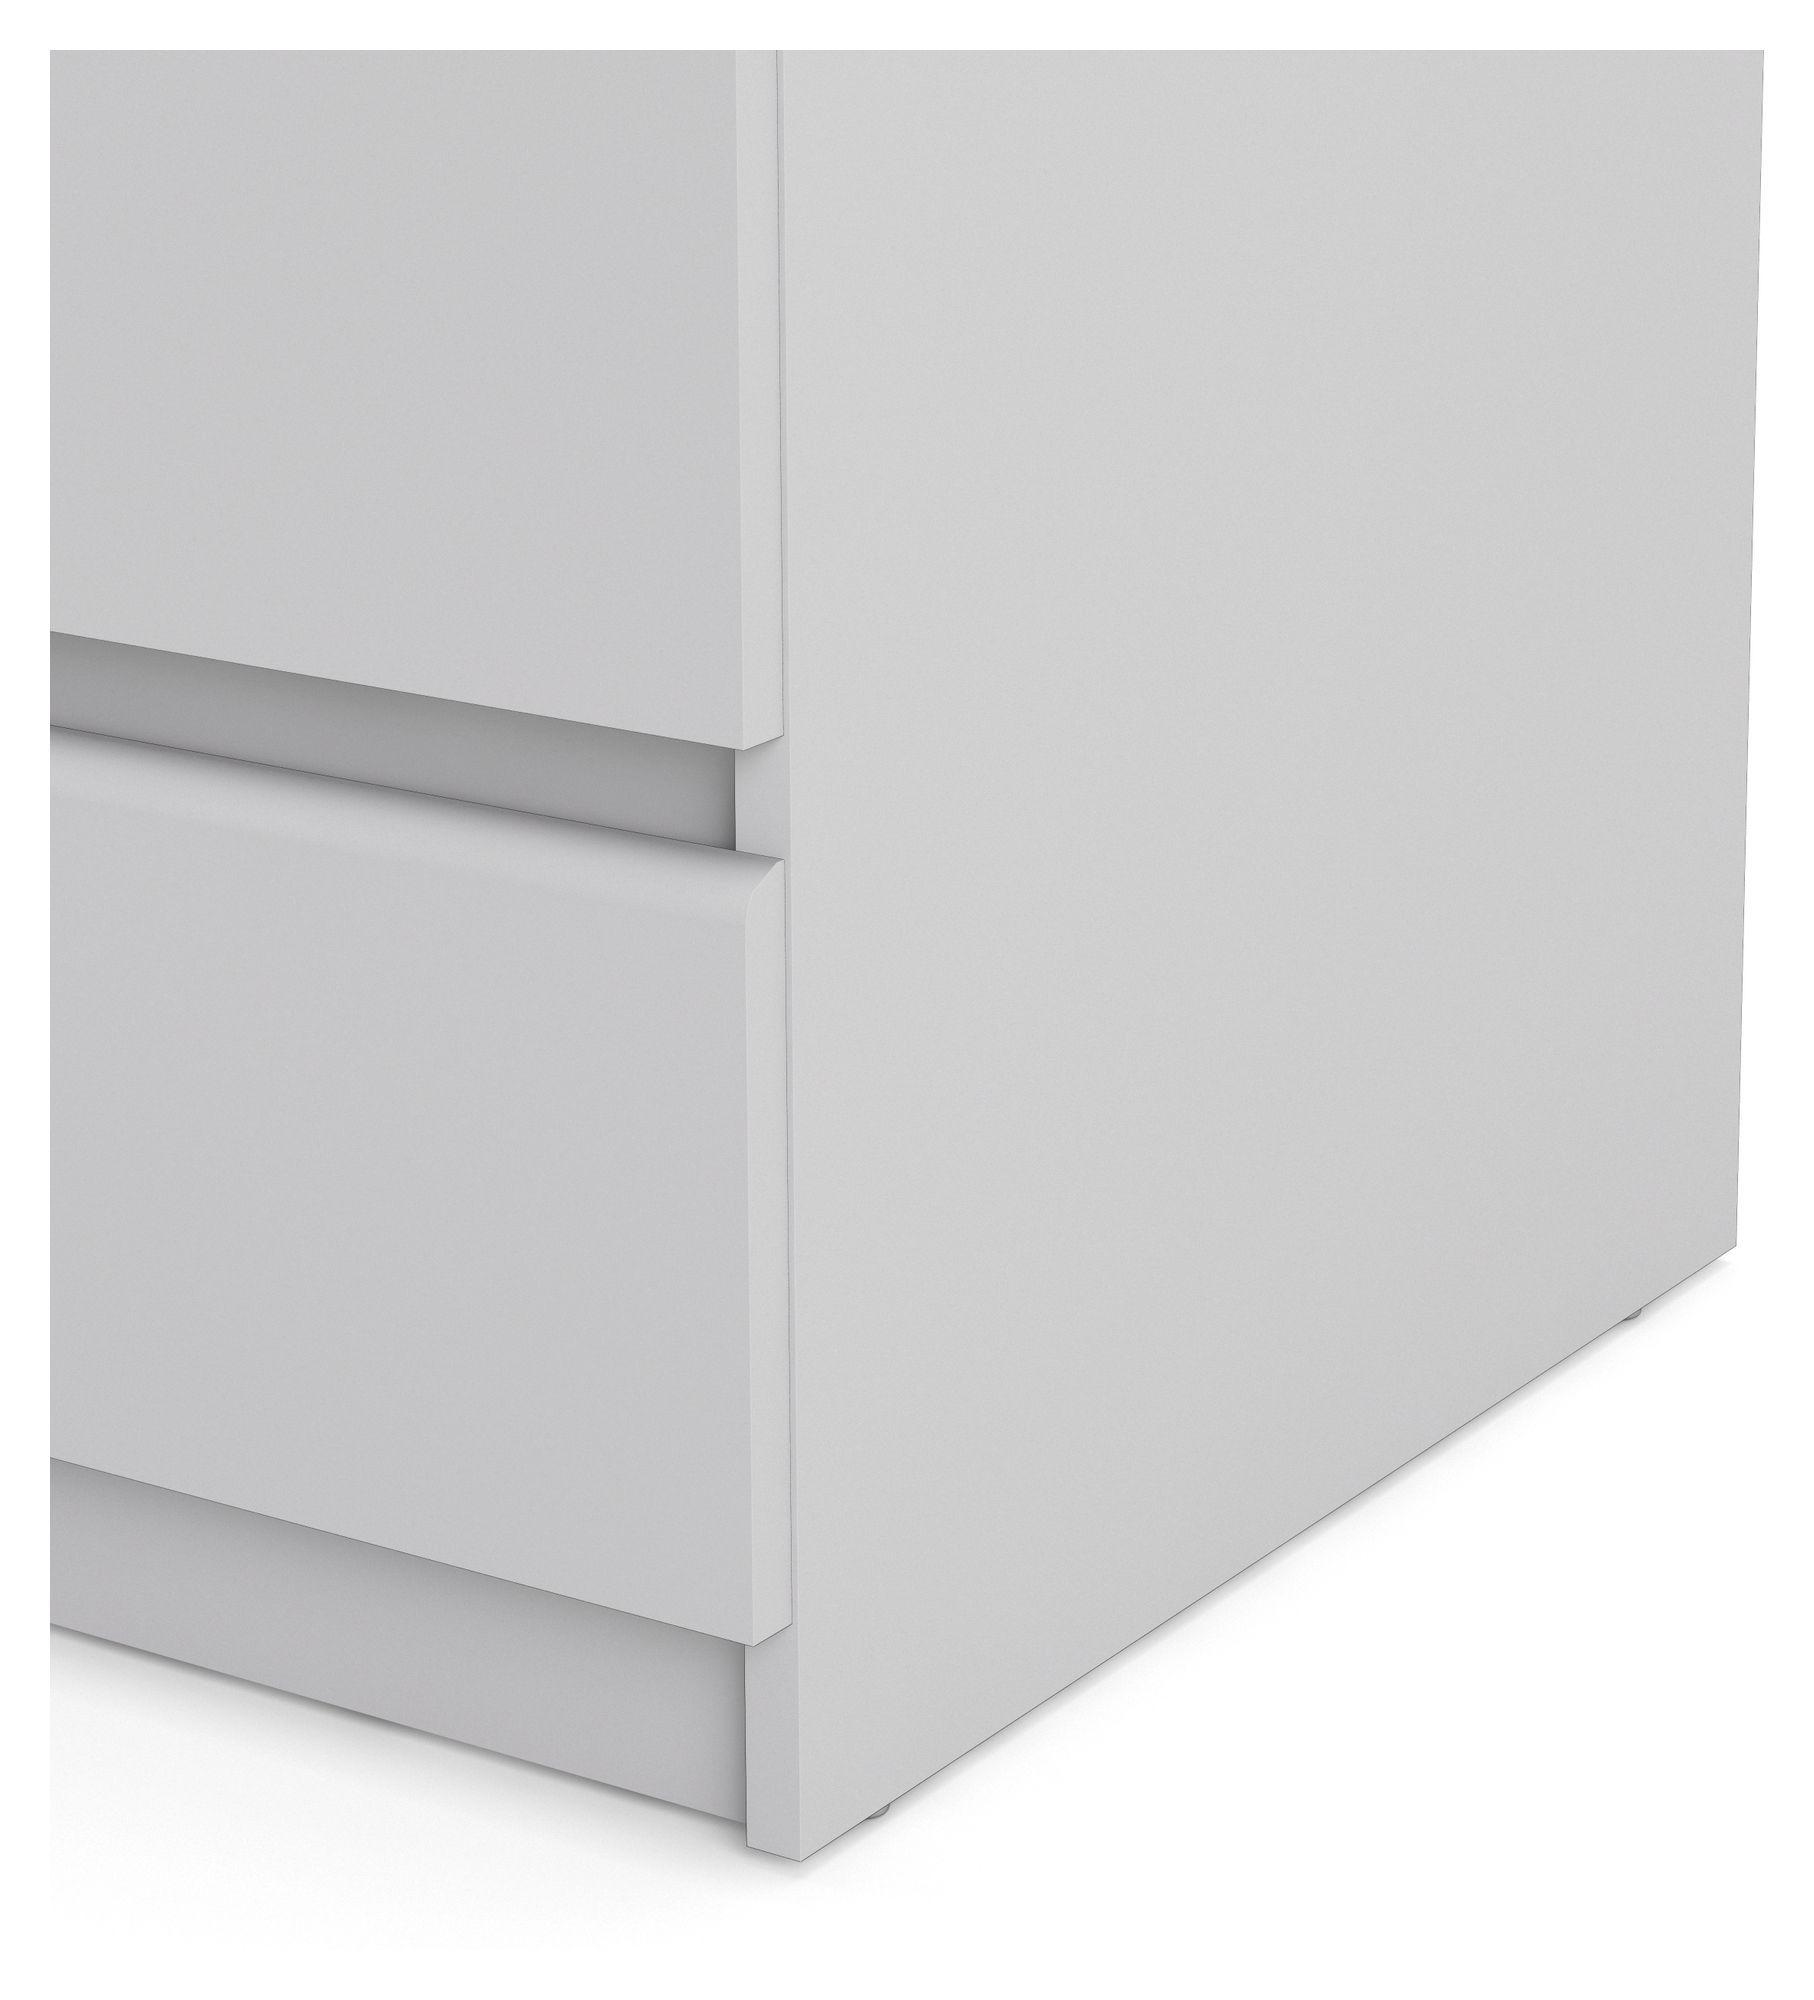 Naia Kommode - Hvid m/5 skuffer - Hvid kommode med grebsfri skuffer